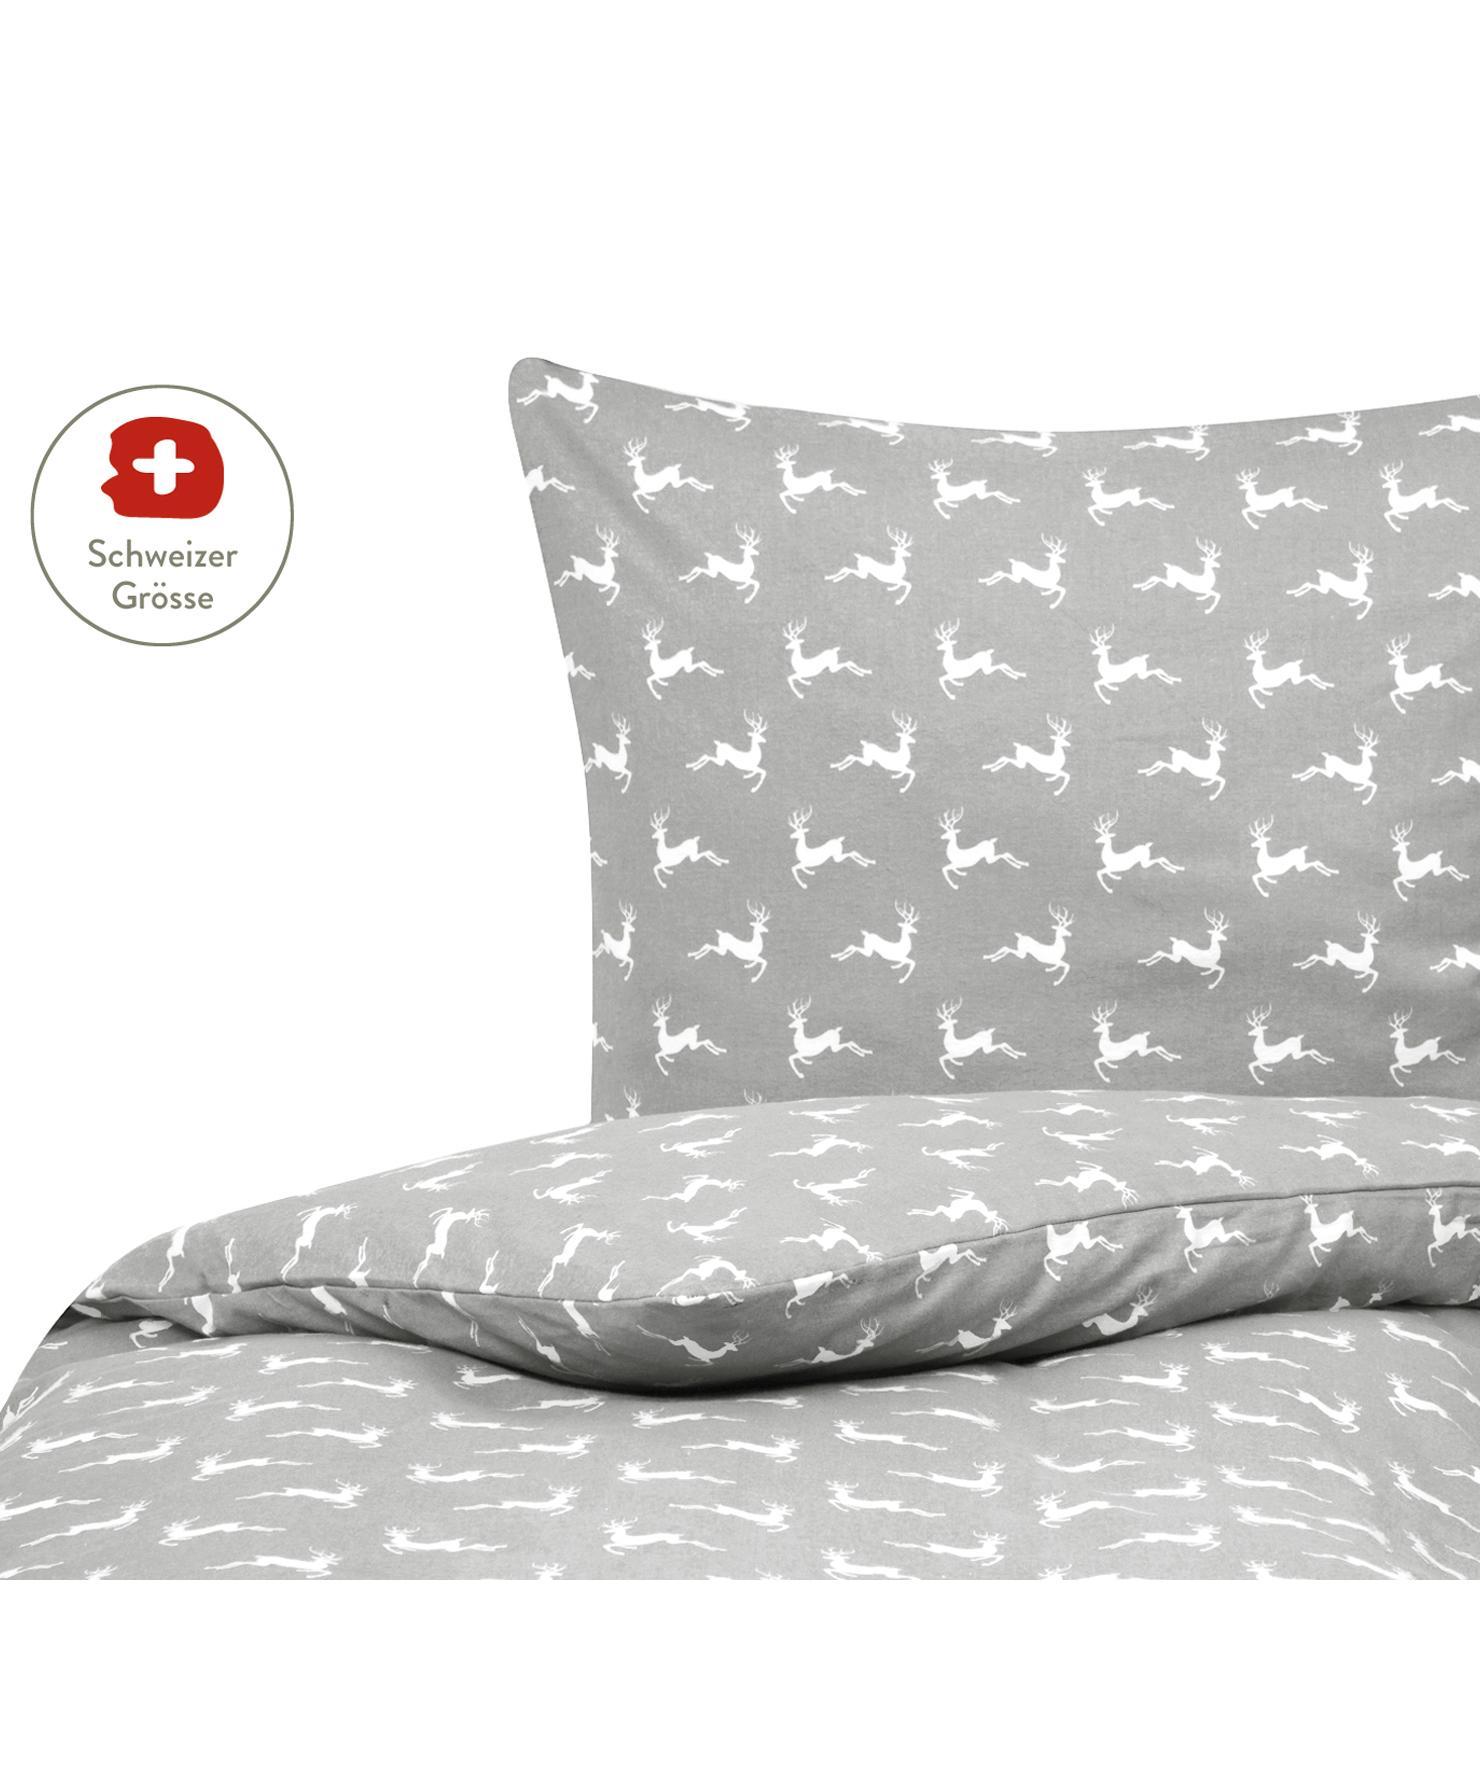 Flanell-Bettdeckenbezug Rudolph mit Rentieren, Webart: Flanell Flanell ist ein s, Grau, Weiss, 160 x 210 cm